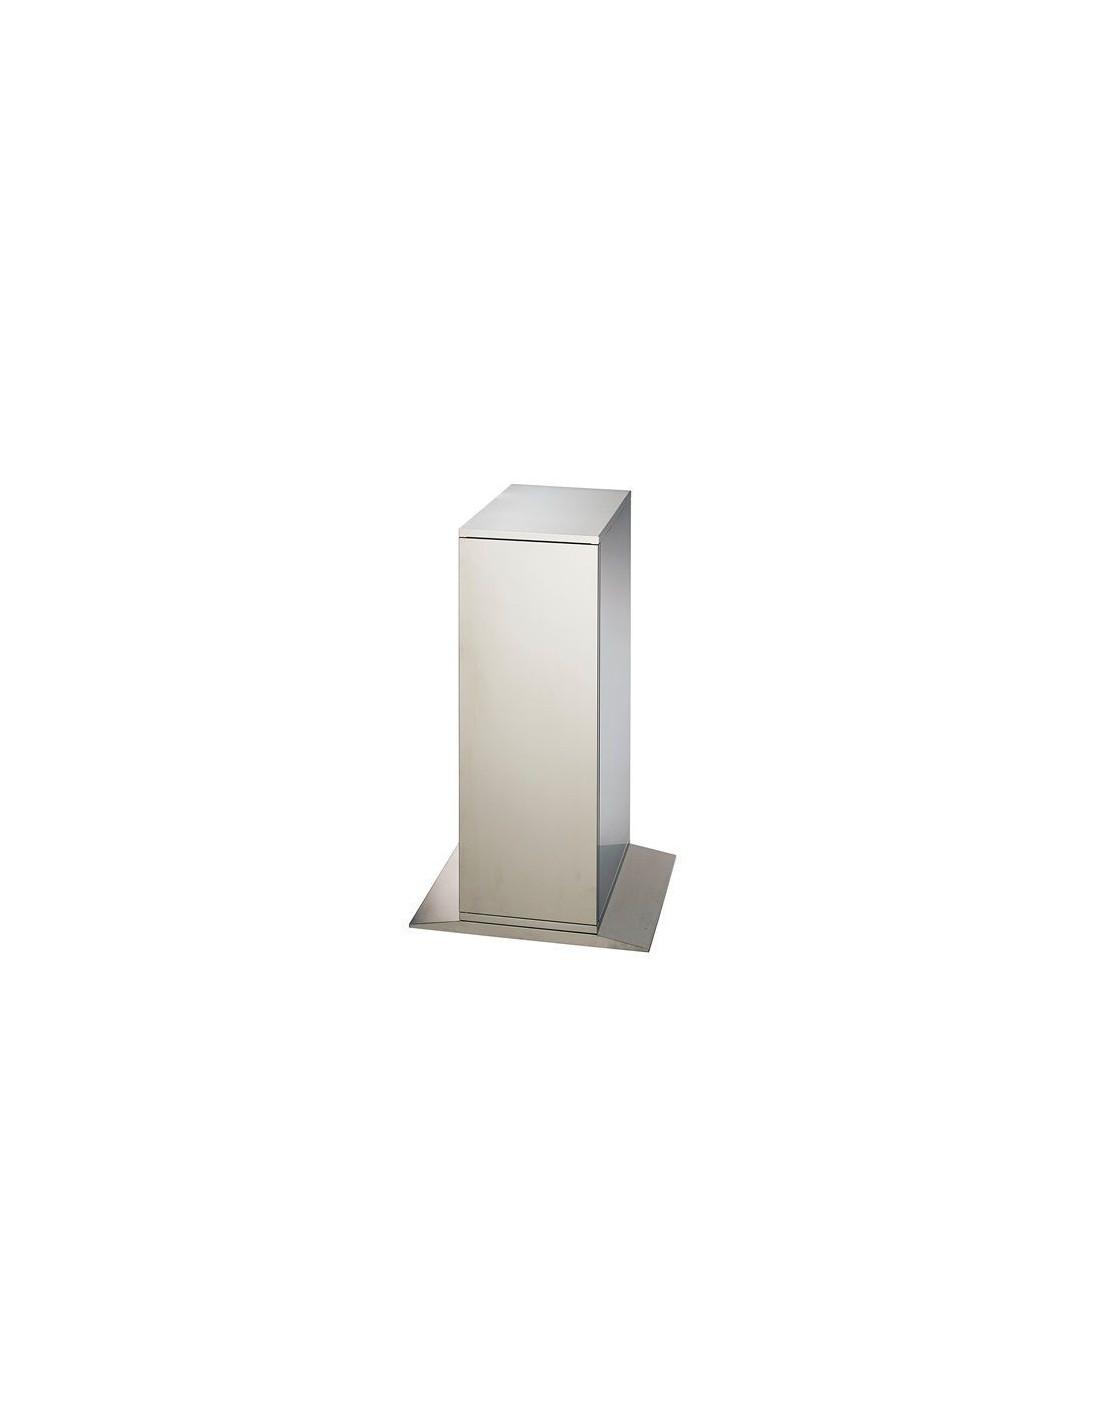 UPP00130 - Tillbehör - Blupura BluSoda Cabinet 45